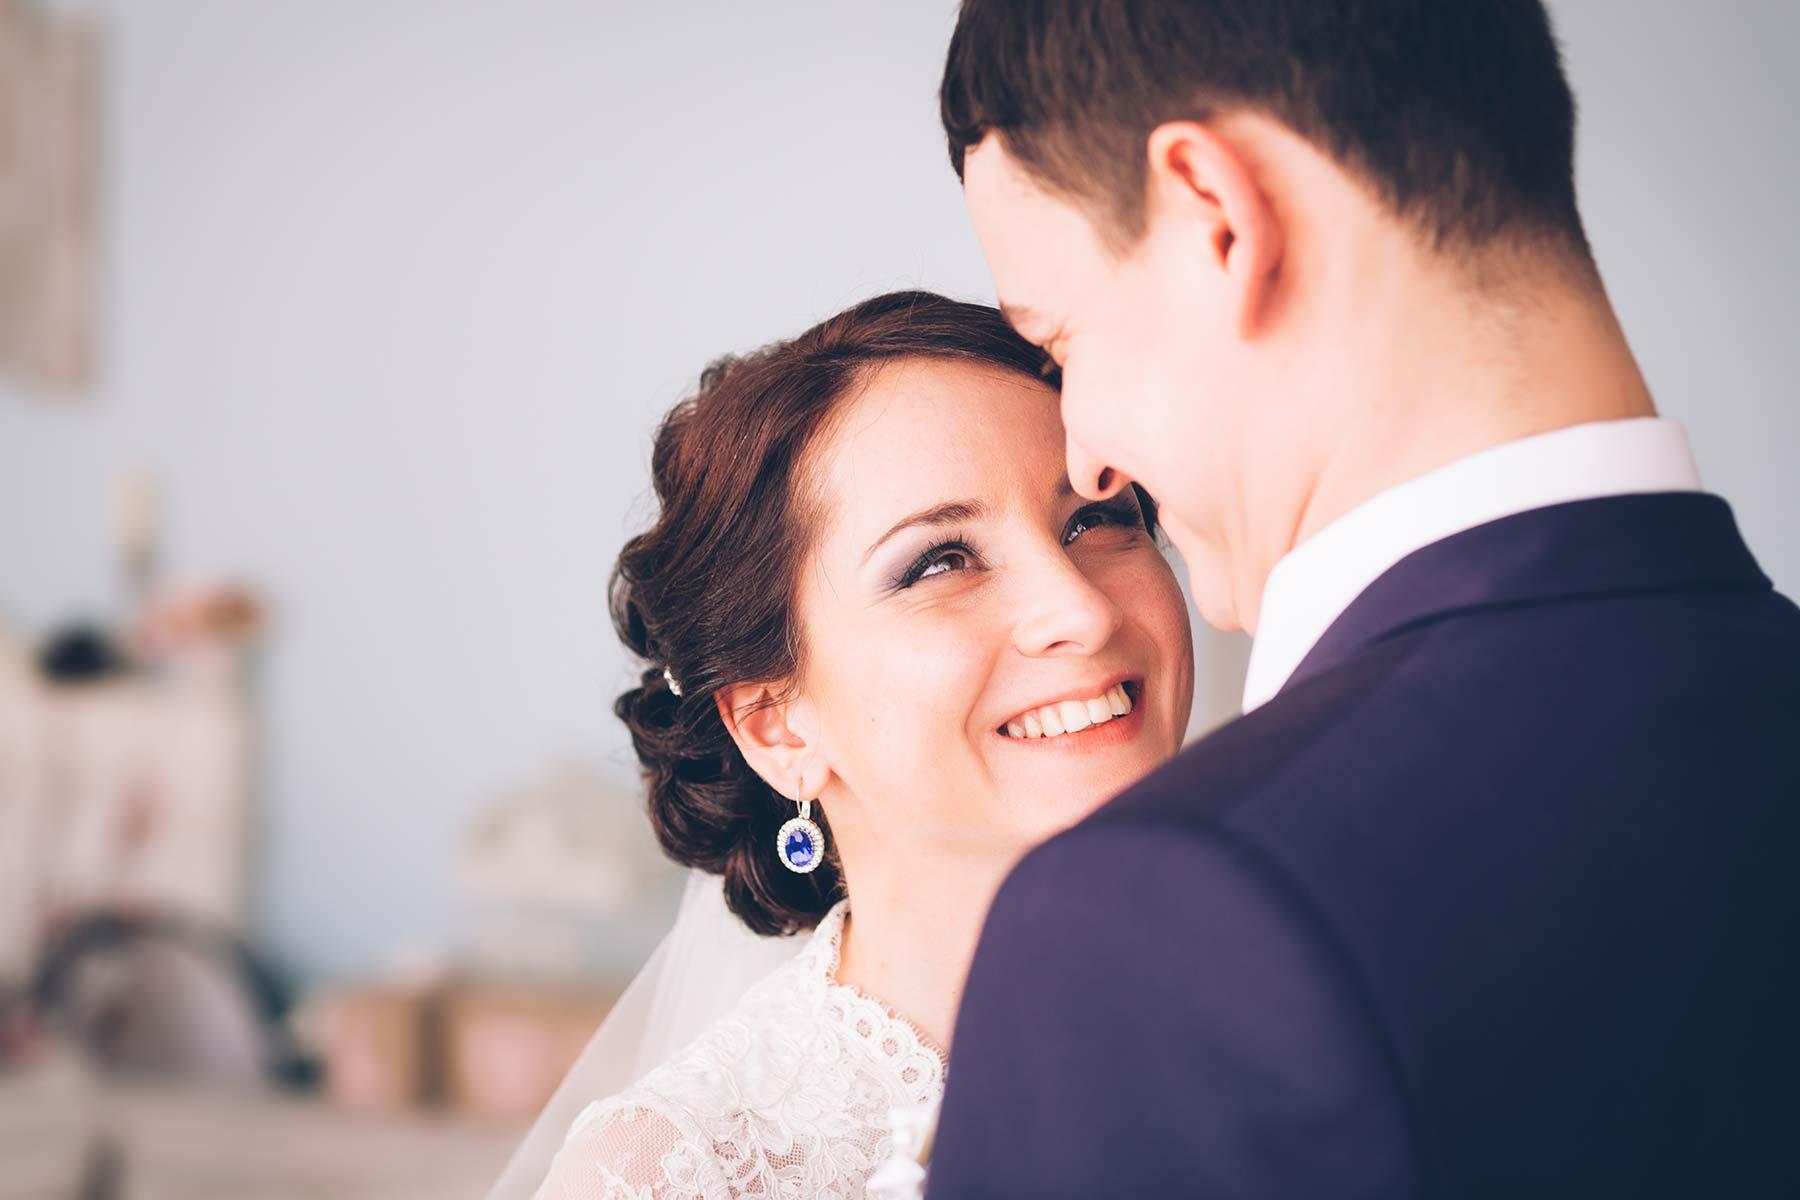 Hochzeitsfürbitten Die Schönsten Fürbitten Zur Hochzeit Finden